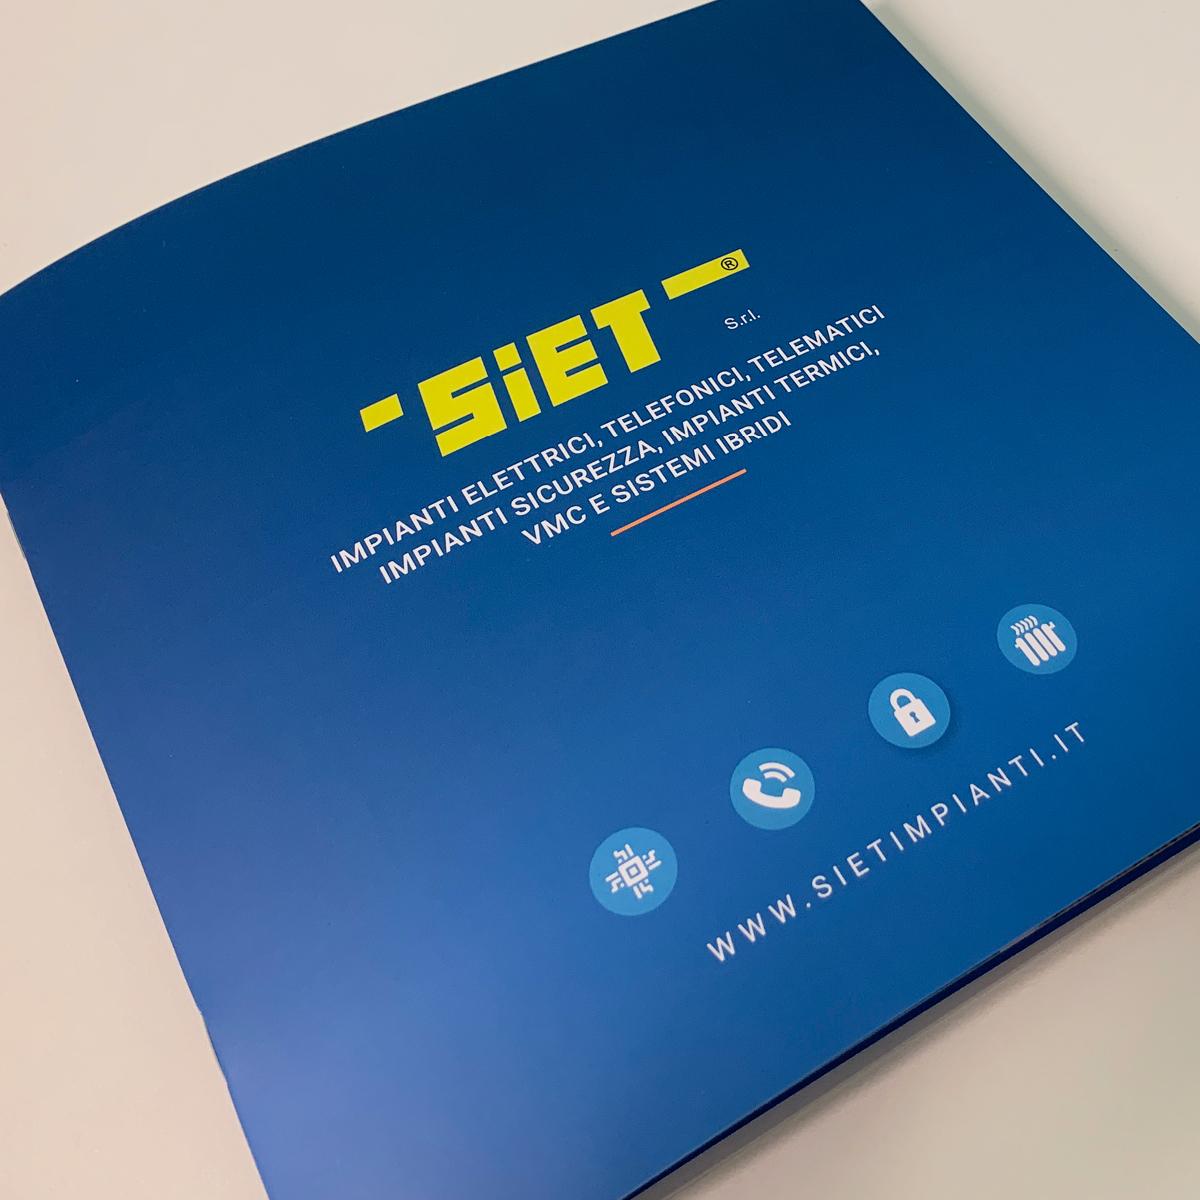 Progettazione grafica e stampa brochure aziendale - Siet Impianti Albino (Bergamo)